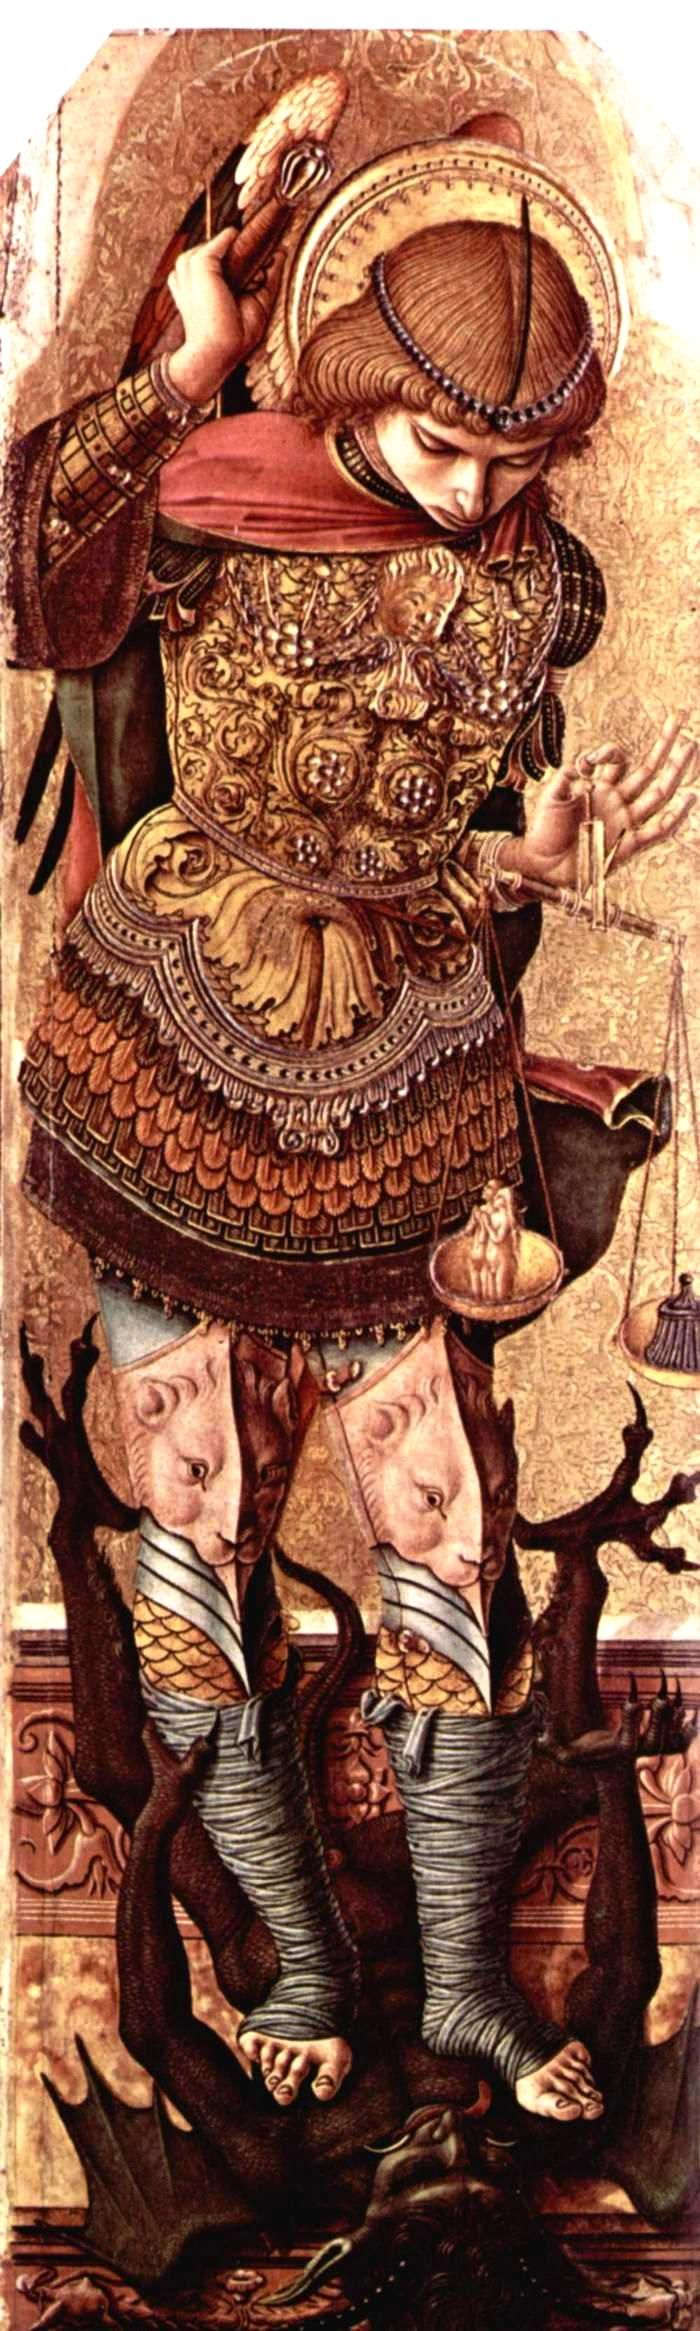 St. Michael c1476 Carlo Crivelli  Карло Кривелли - Алтарь из Асколи Пичено - Святой Михаил